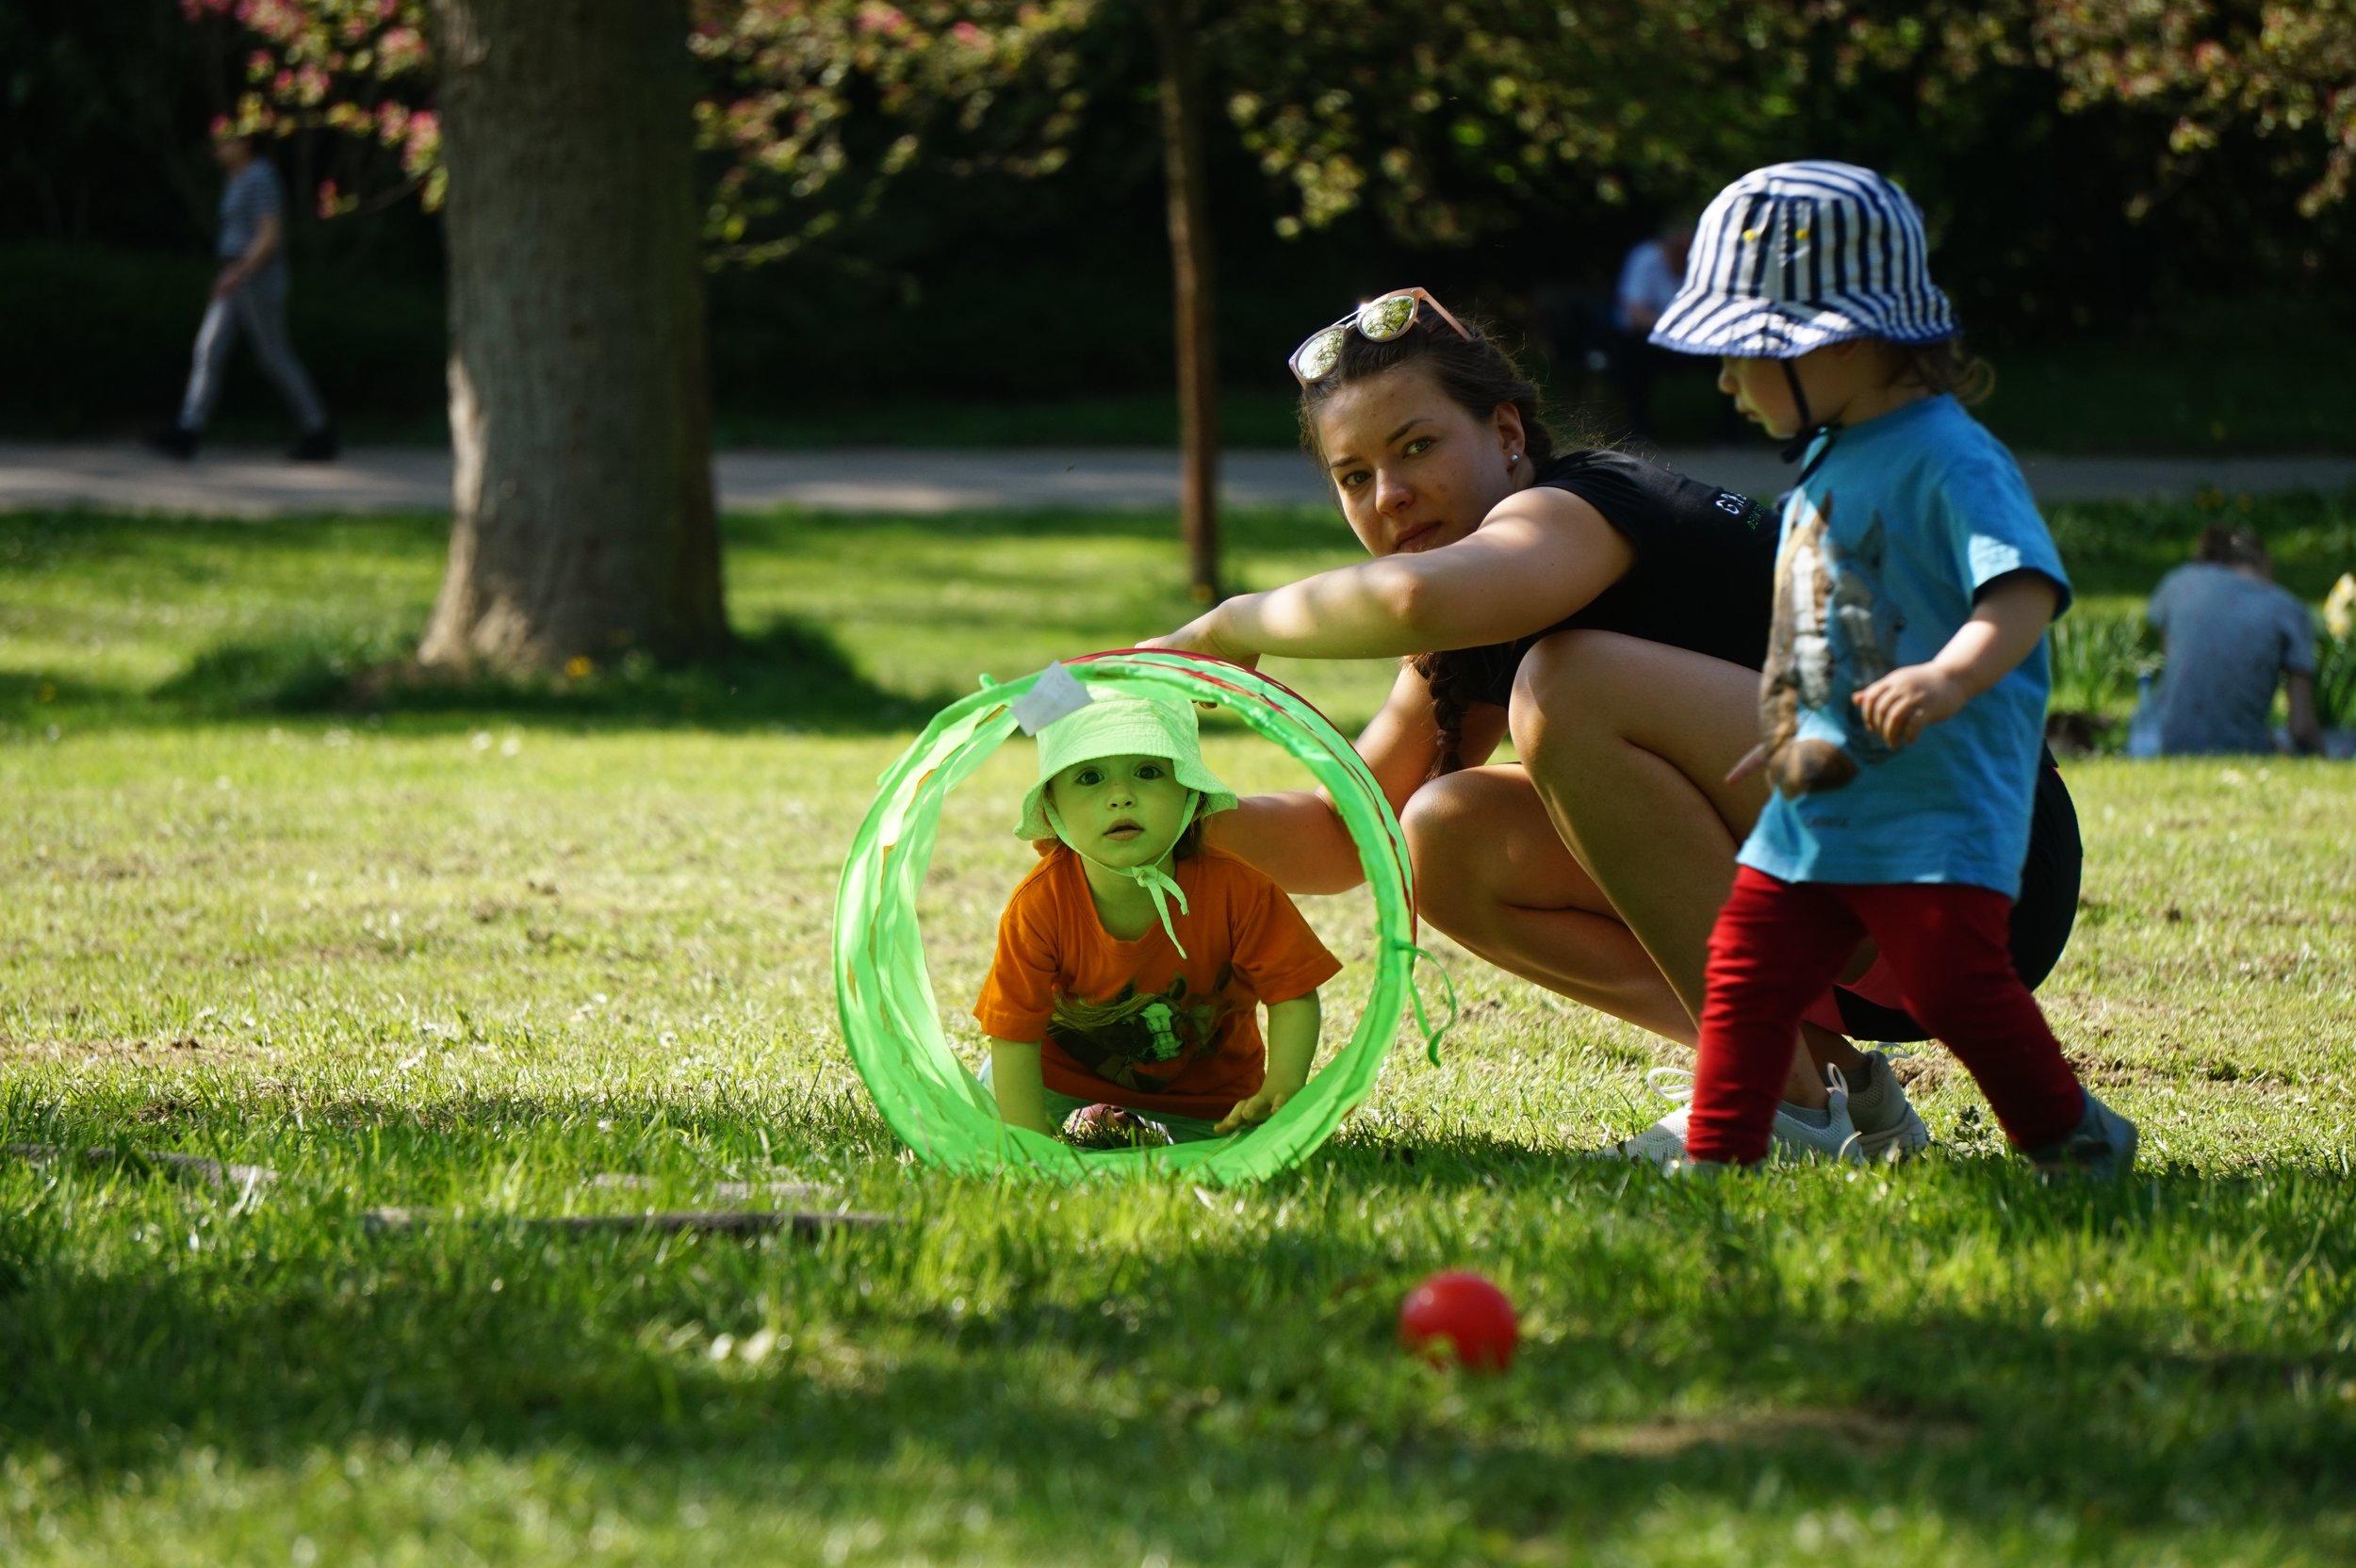 Moving Kids - Wir bringen Dein Kind in Bewegung – Turnen an der frischen Luft für Kinder ab ca. 2 JahrenSpiel und Bewegung in der Natur für die Kleinen. Die Nachfrage nach Kinderturnen ist so groß wie noch nie. Doch in der Regel findet Kinderturnen in geschlossenen Räumen, wie Turnhallen und Vereinshäusern statt. Mit unserem Kurs